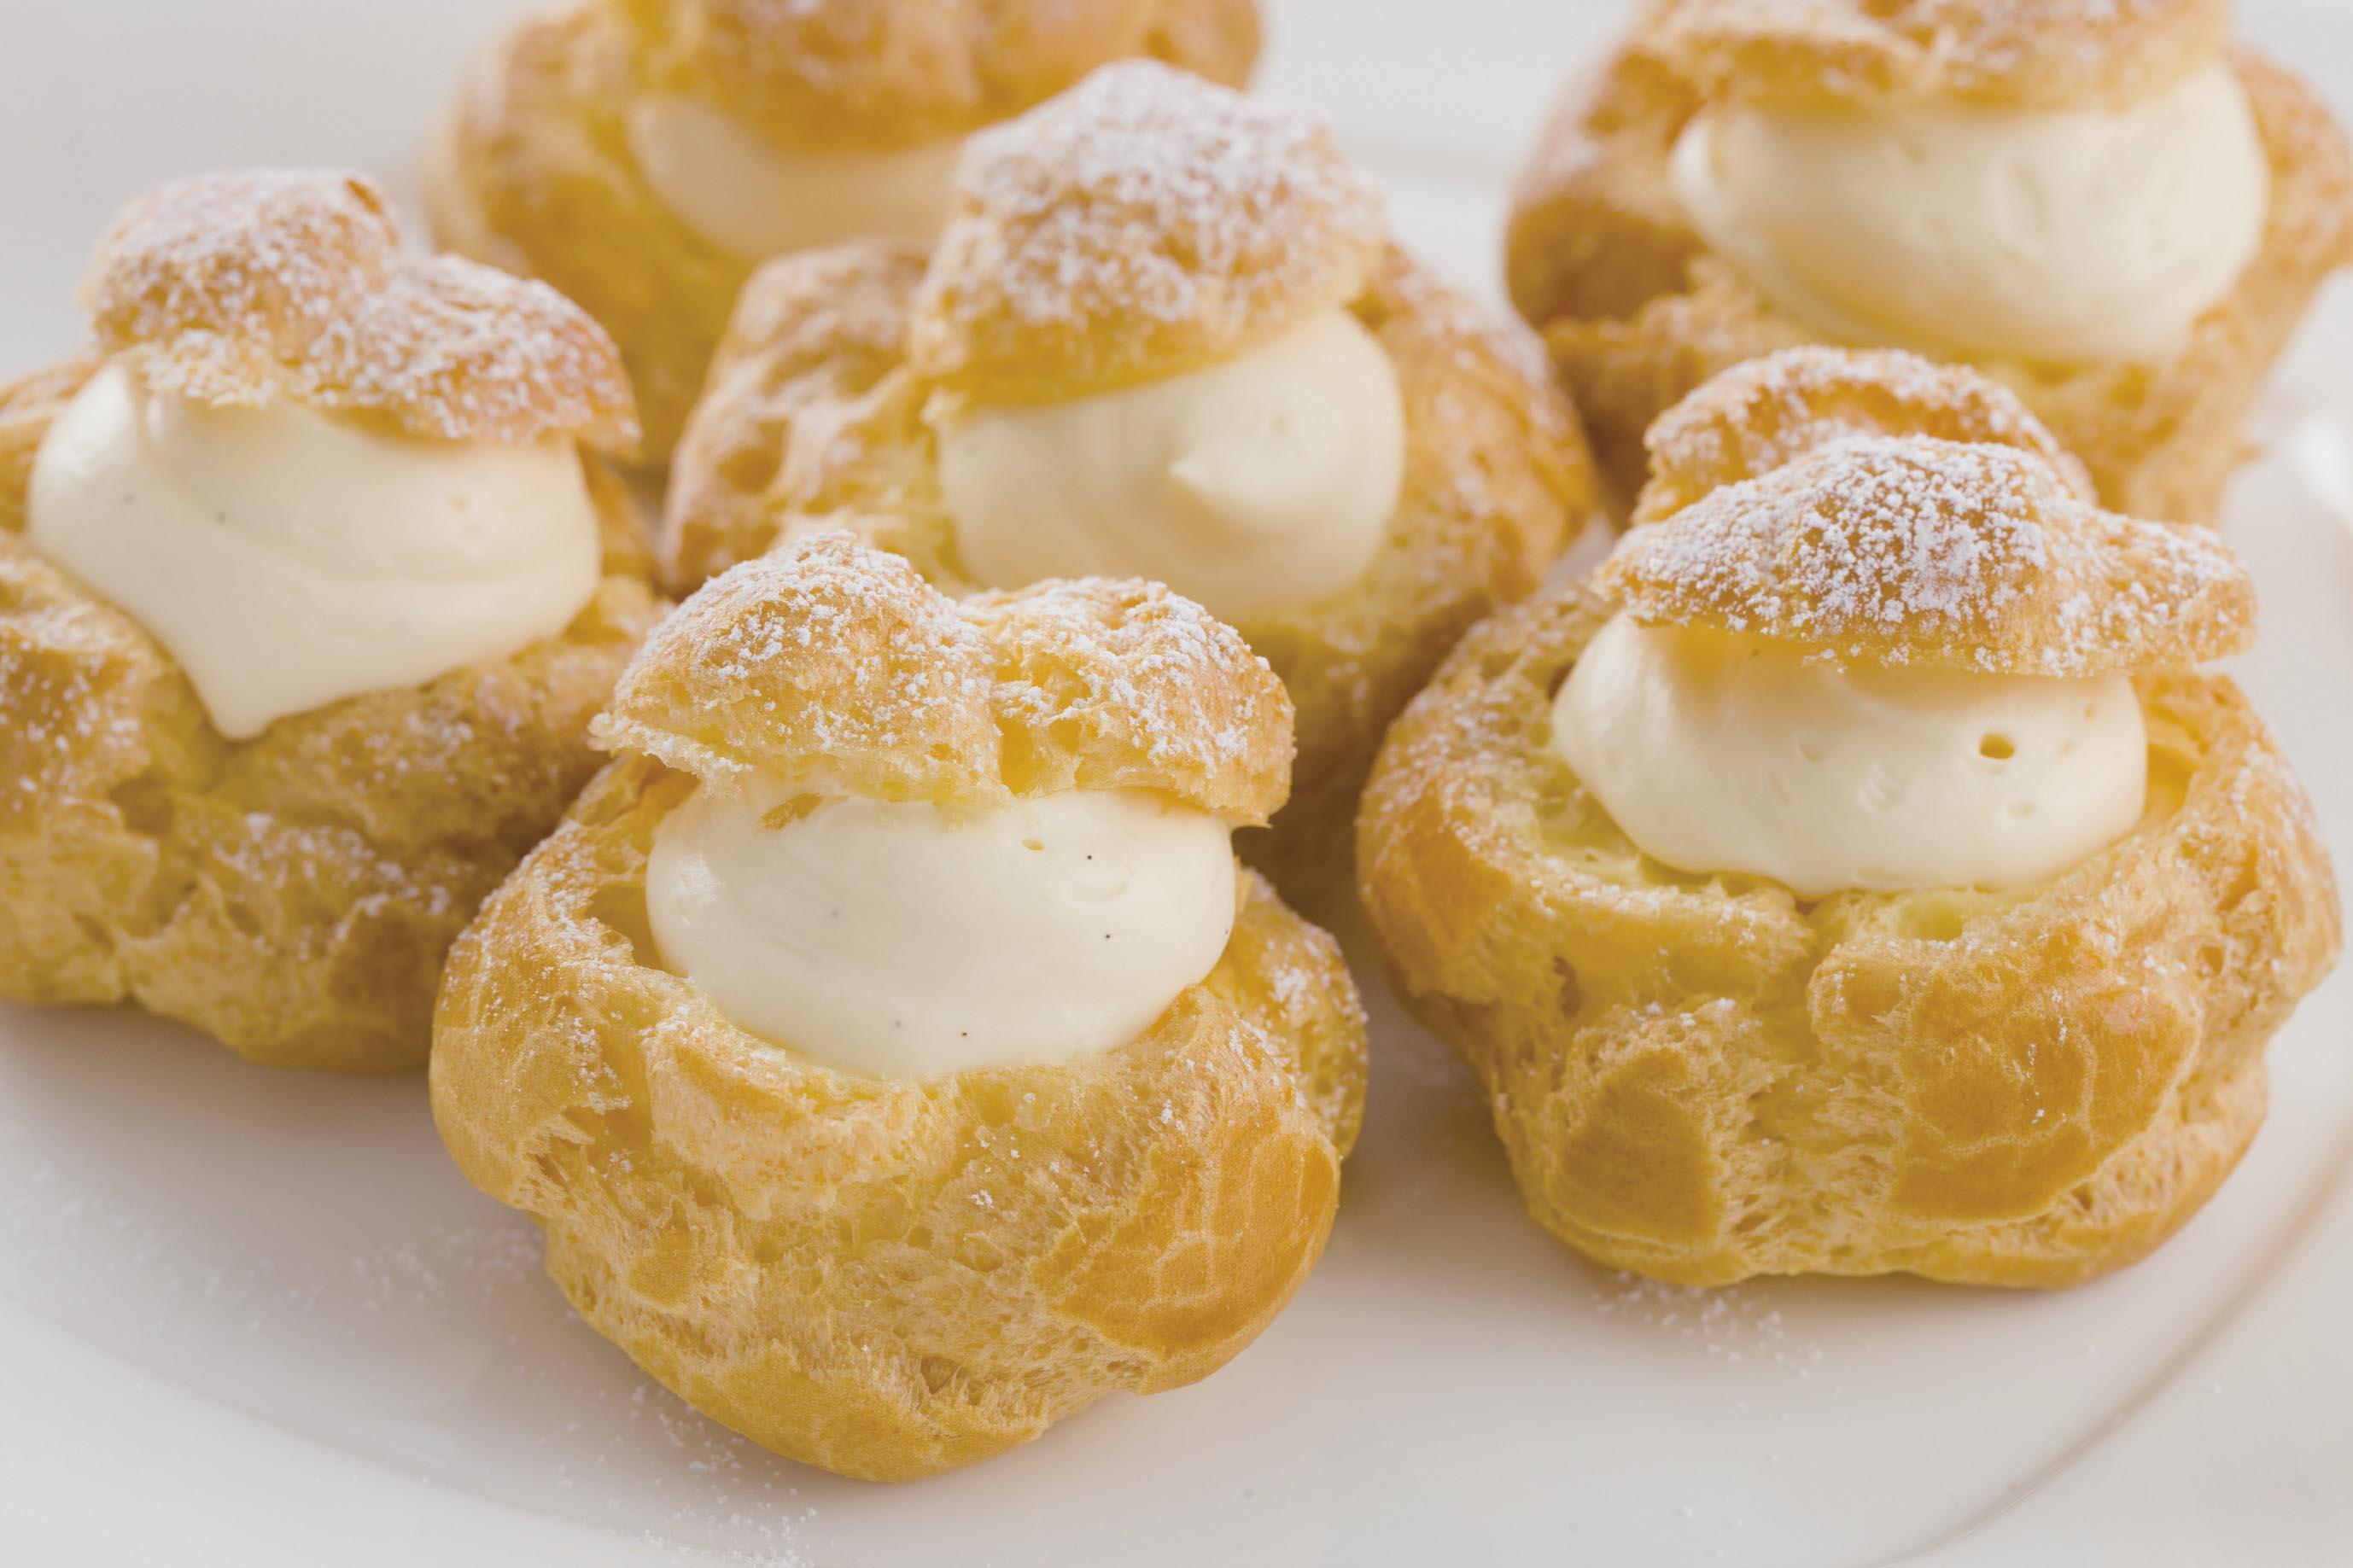 おやつや食後のデザートにも!美味しいシュークリームの作り方♪のサムネイル画像